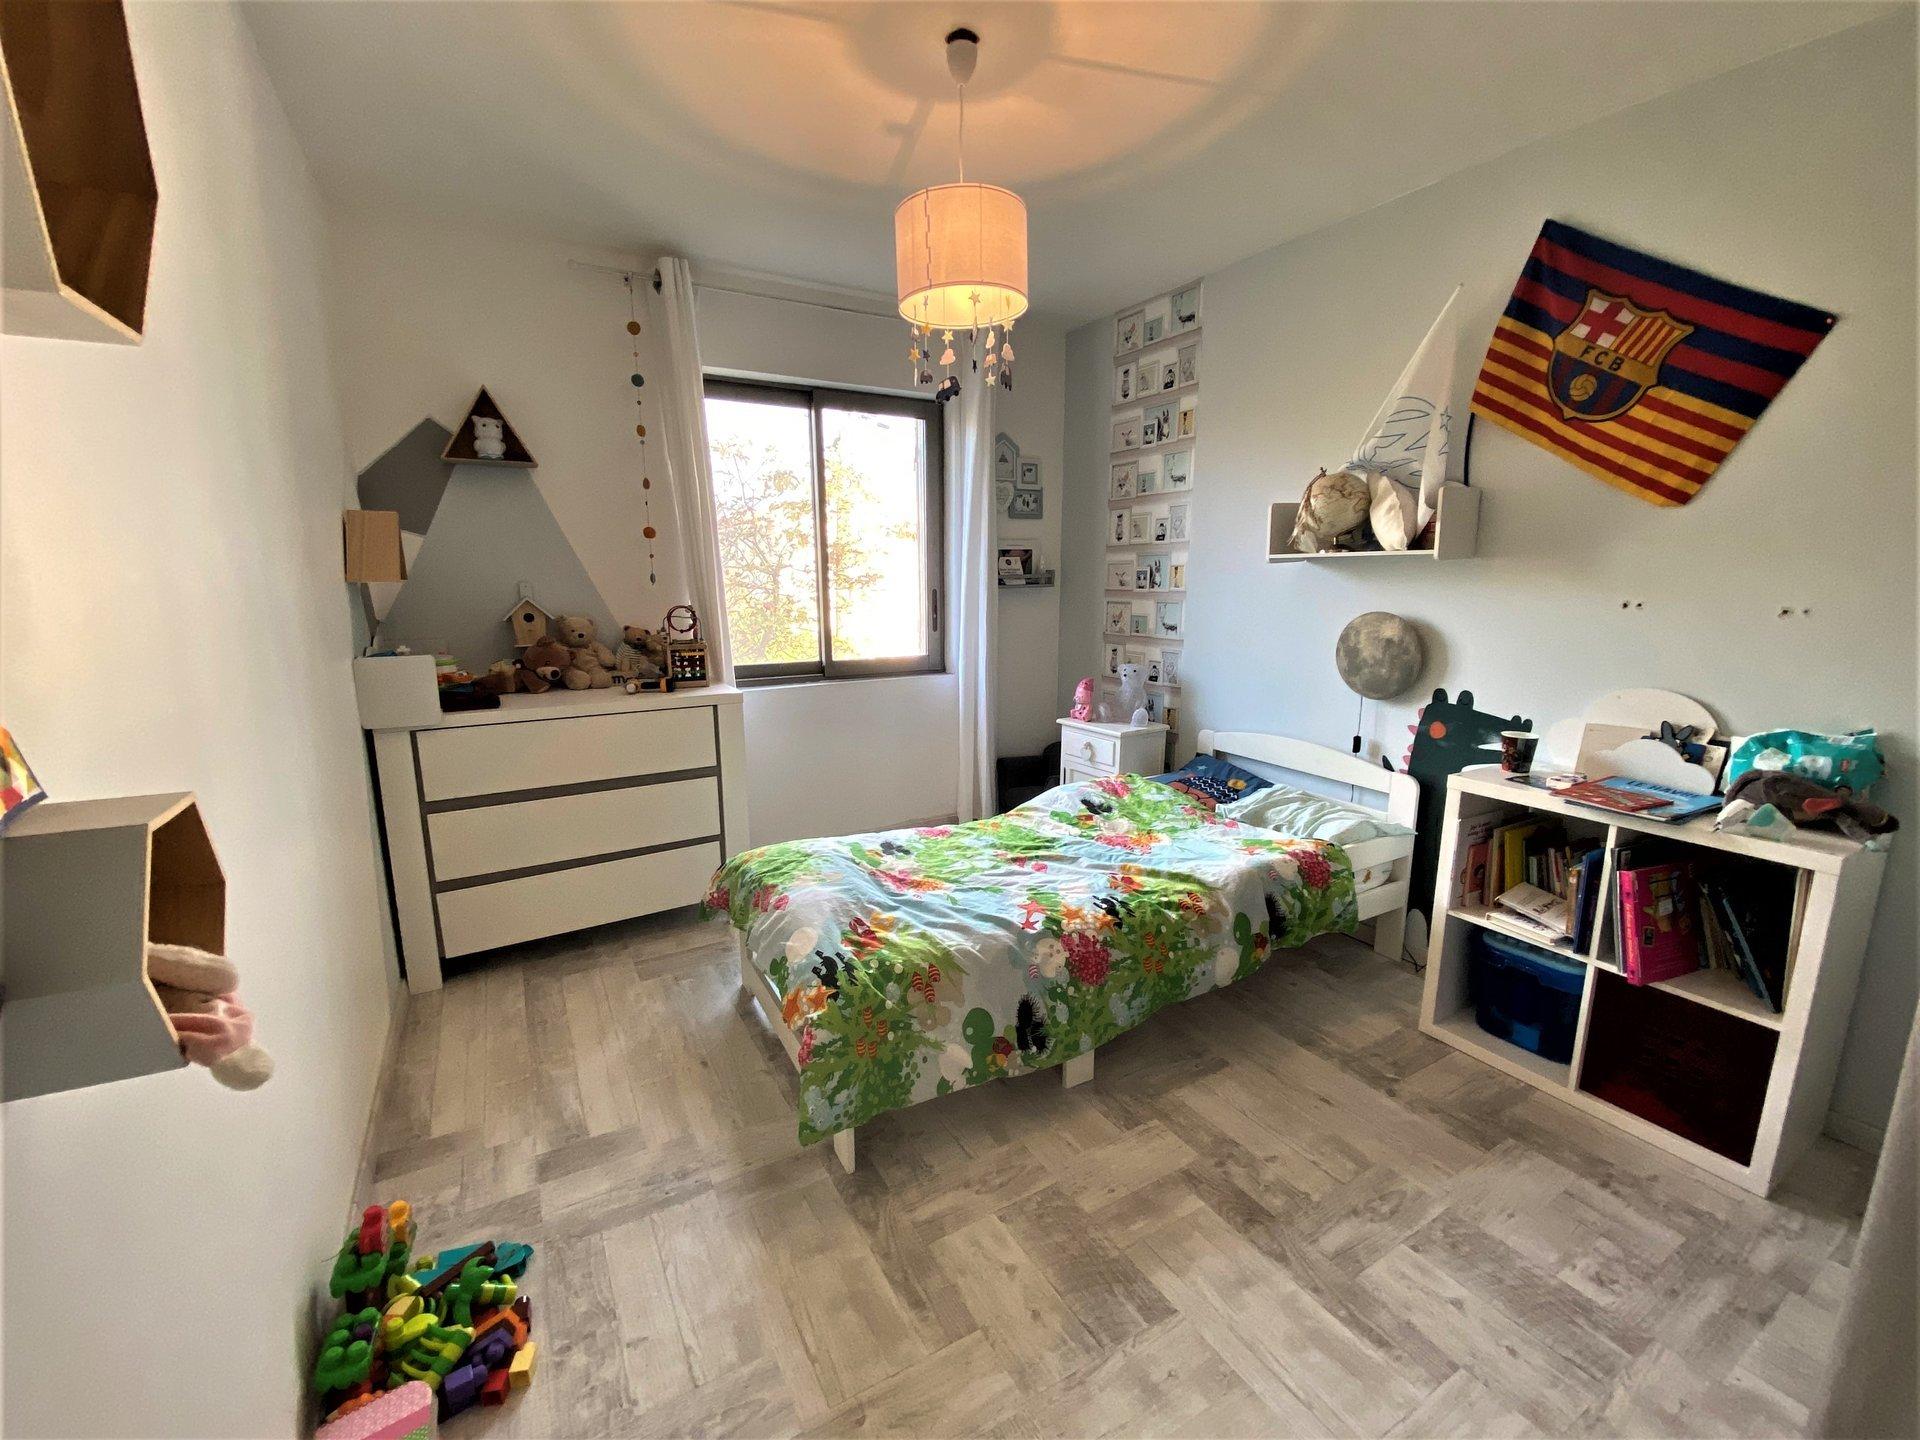 ARLES - Maison avec jardin et beaux volumes